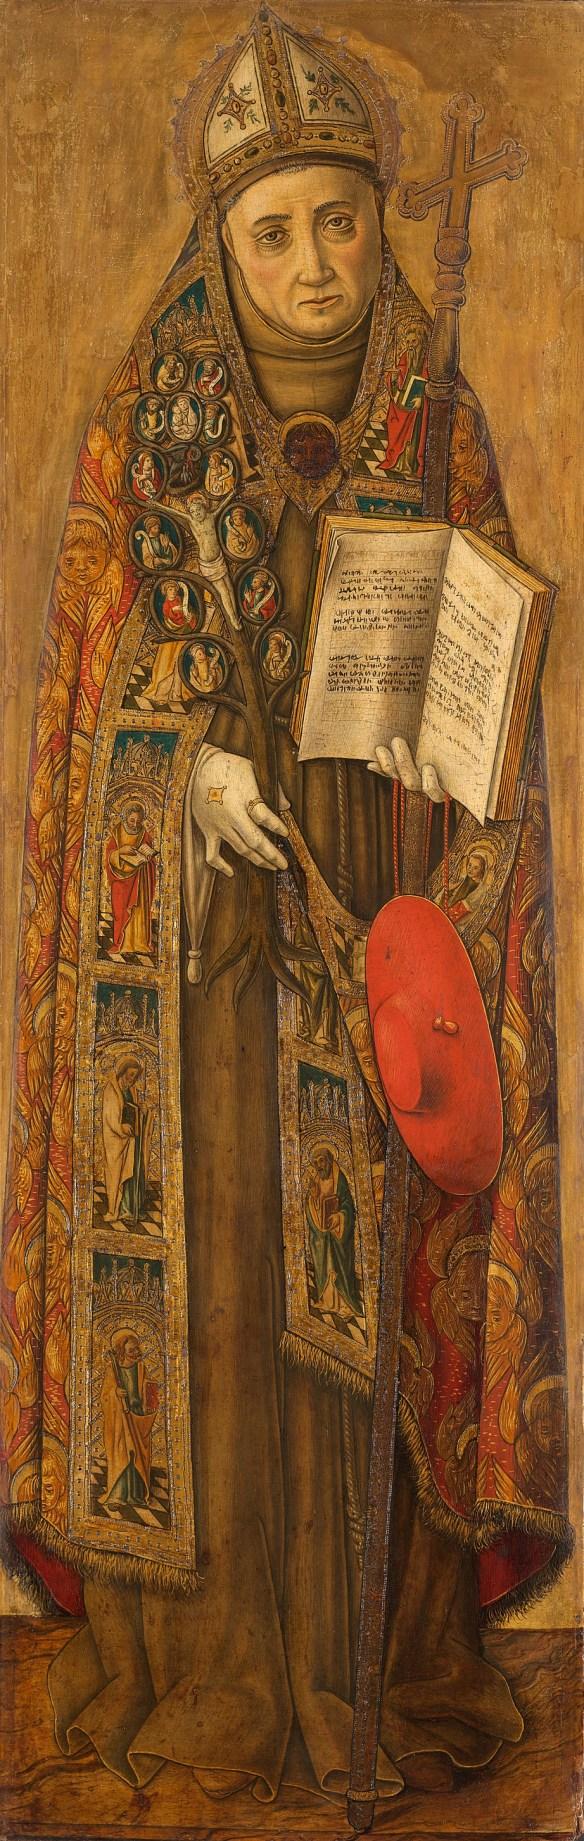 Saint Bonaventure, Vittorio Crivelli, Rijksmuseum, Amsterdam